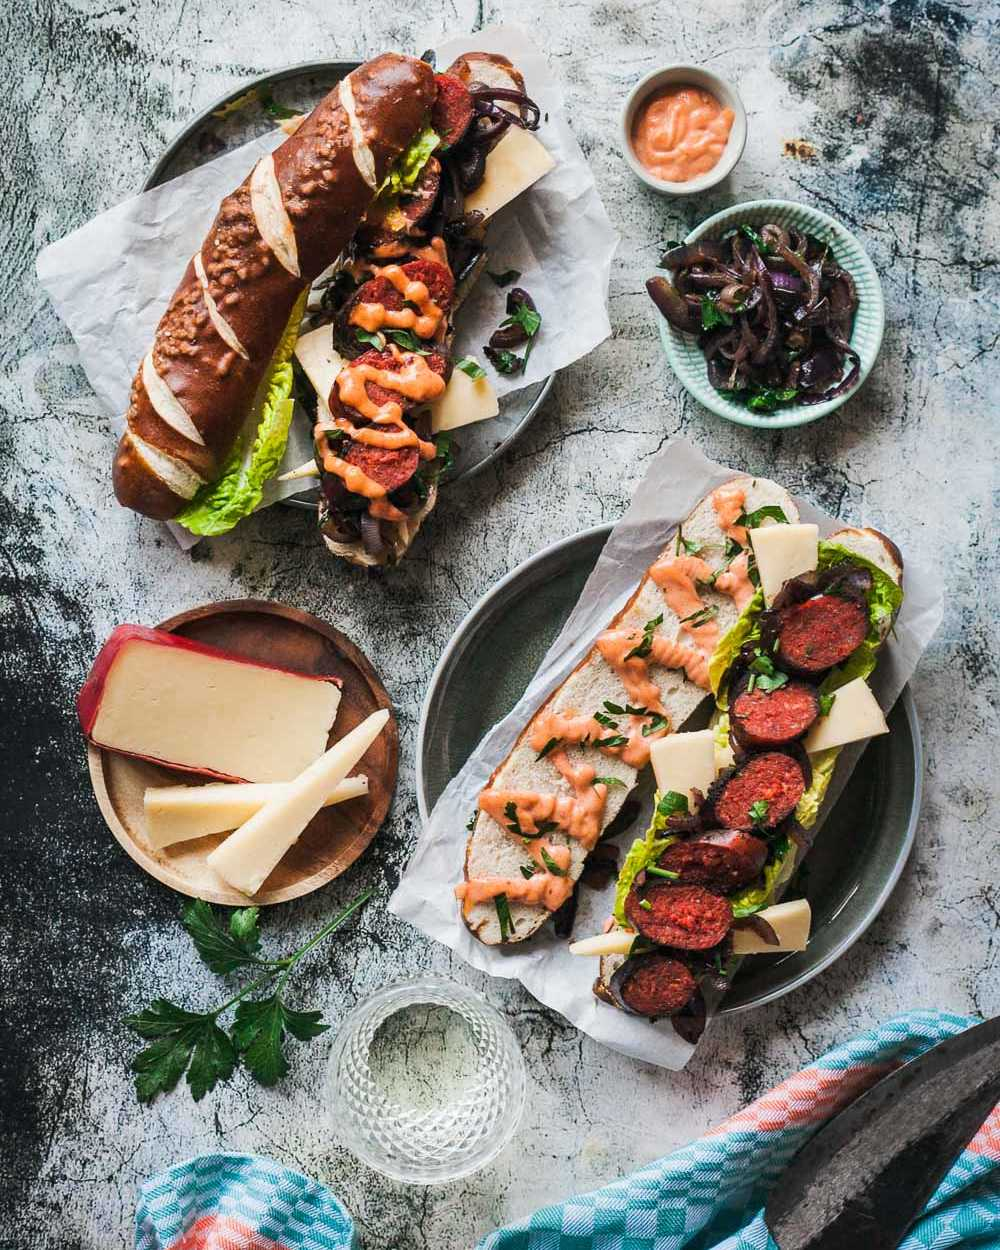 Chorizo Hot Dog mit geschmorten Zwiebeln, Räuchermayo und Landkäse aus Heumilch g.t.S. |GourmetGuerilla.de